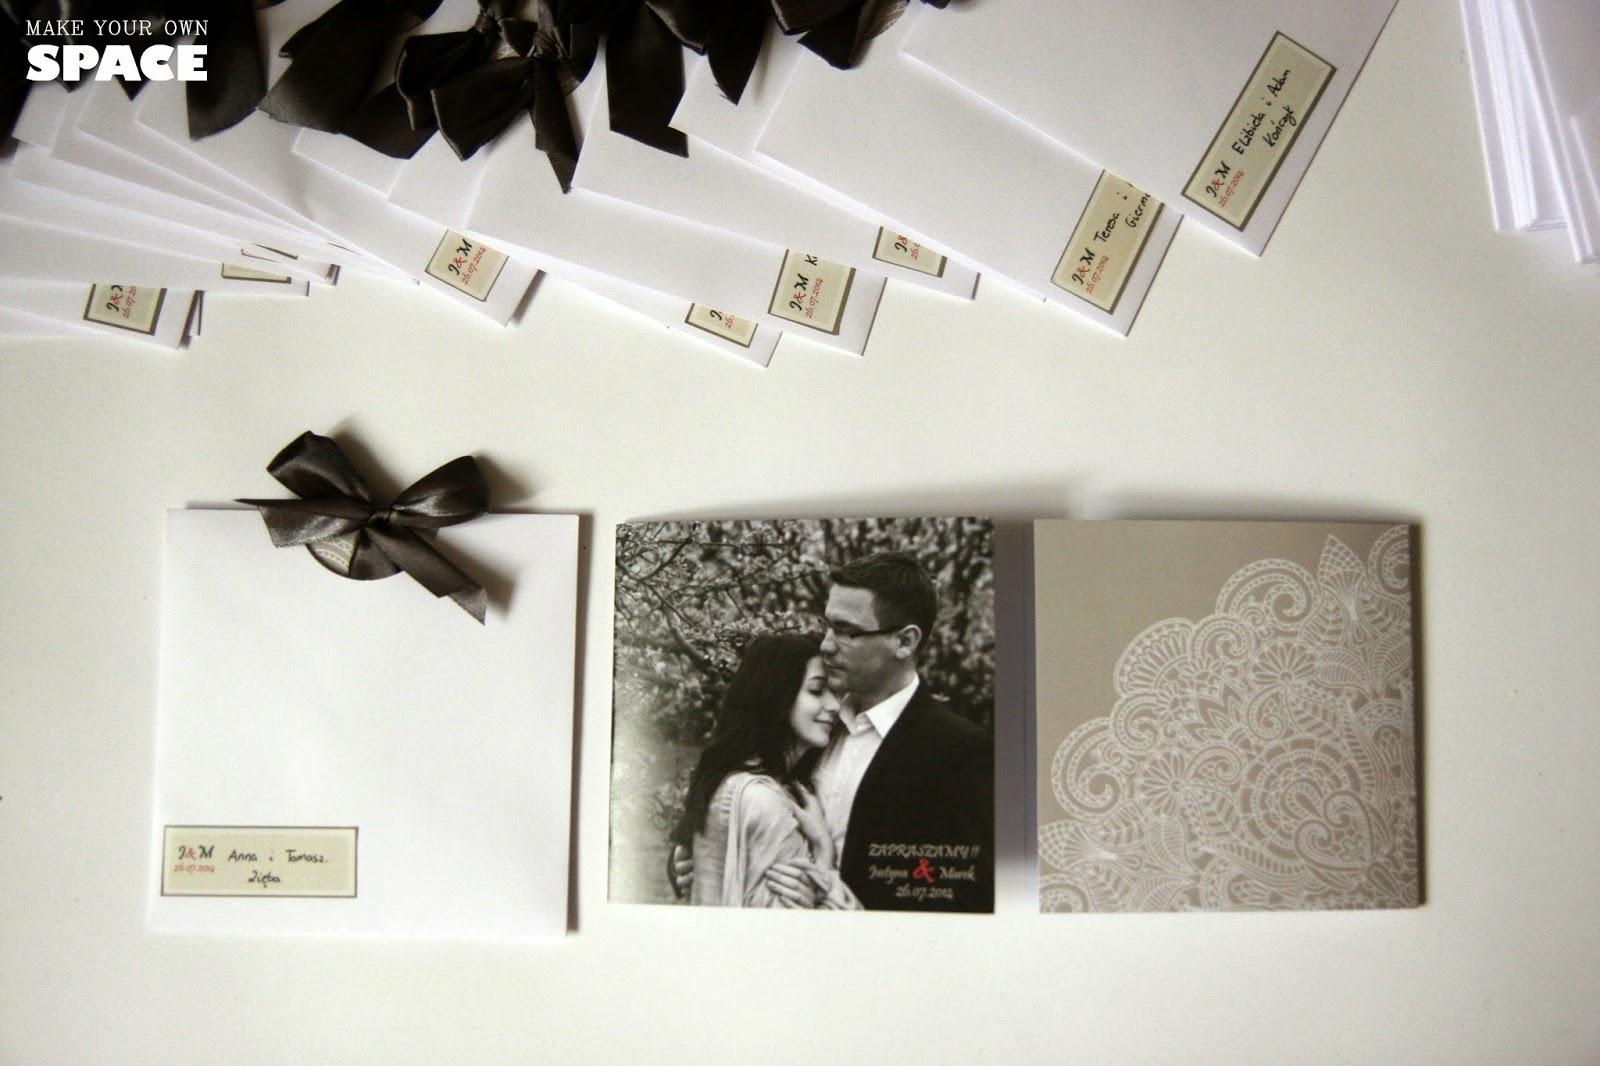 zaproszenia weselne, zaproszenia, ślub, wesele, grafika weselna